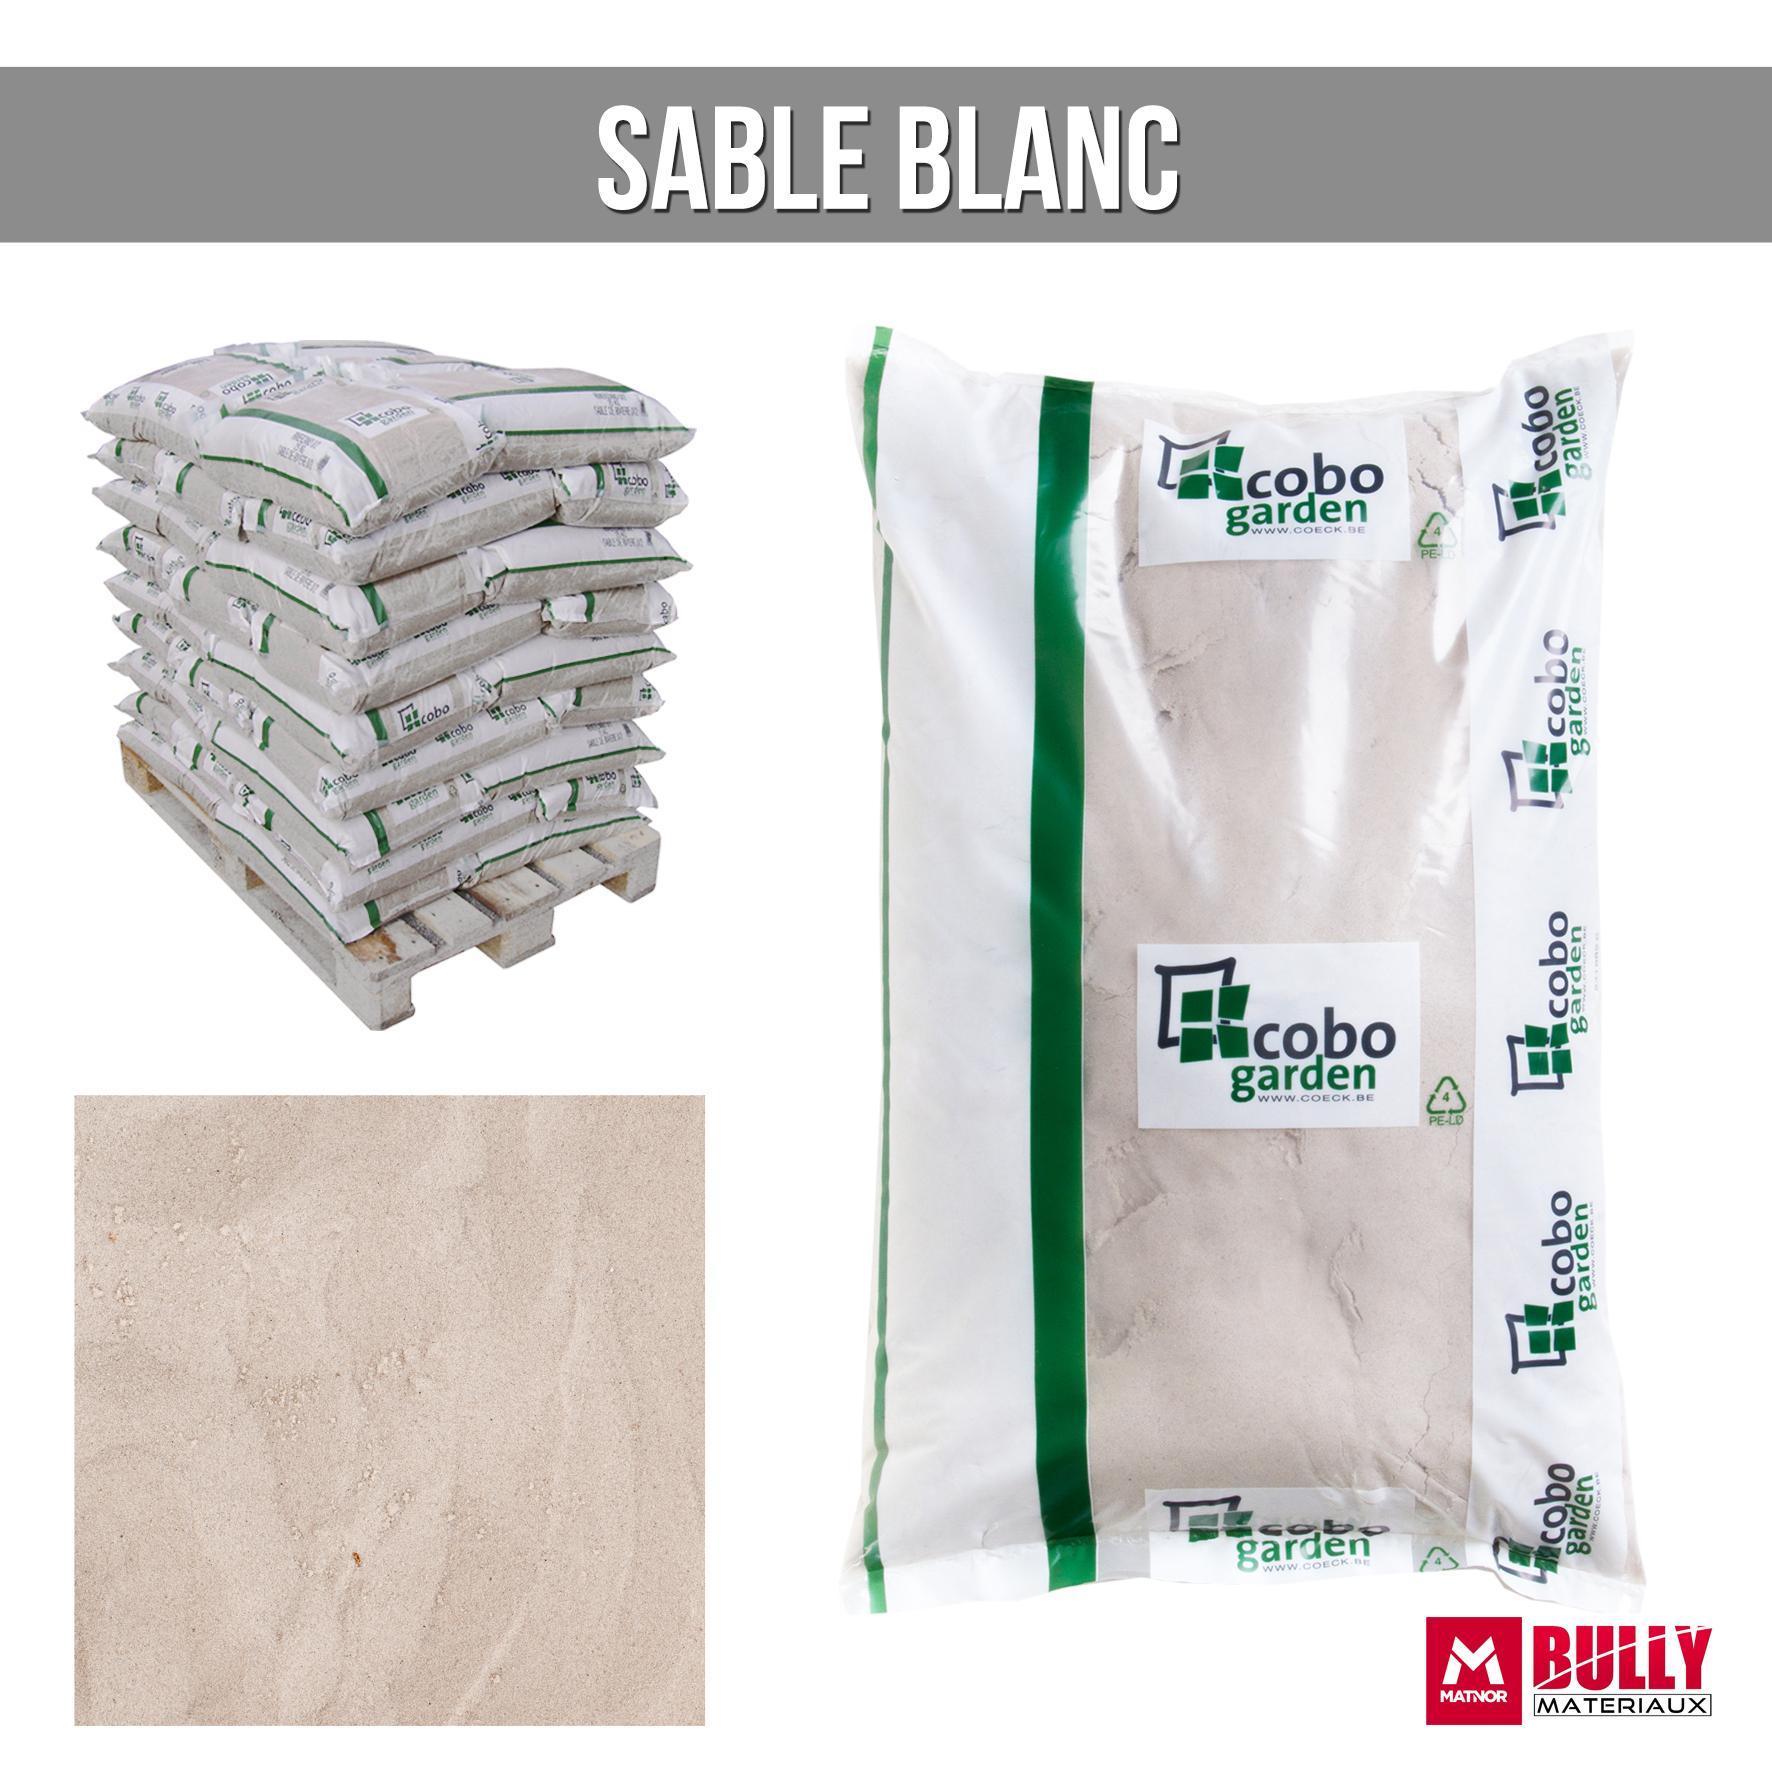 Sable blanc sac